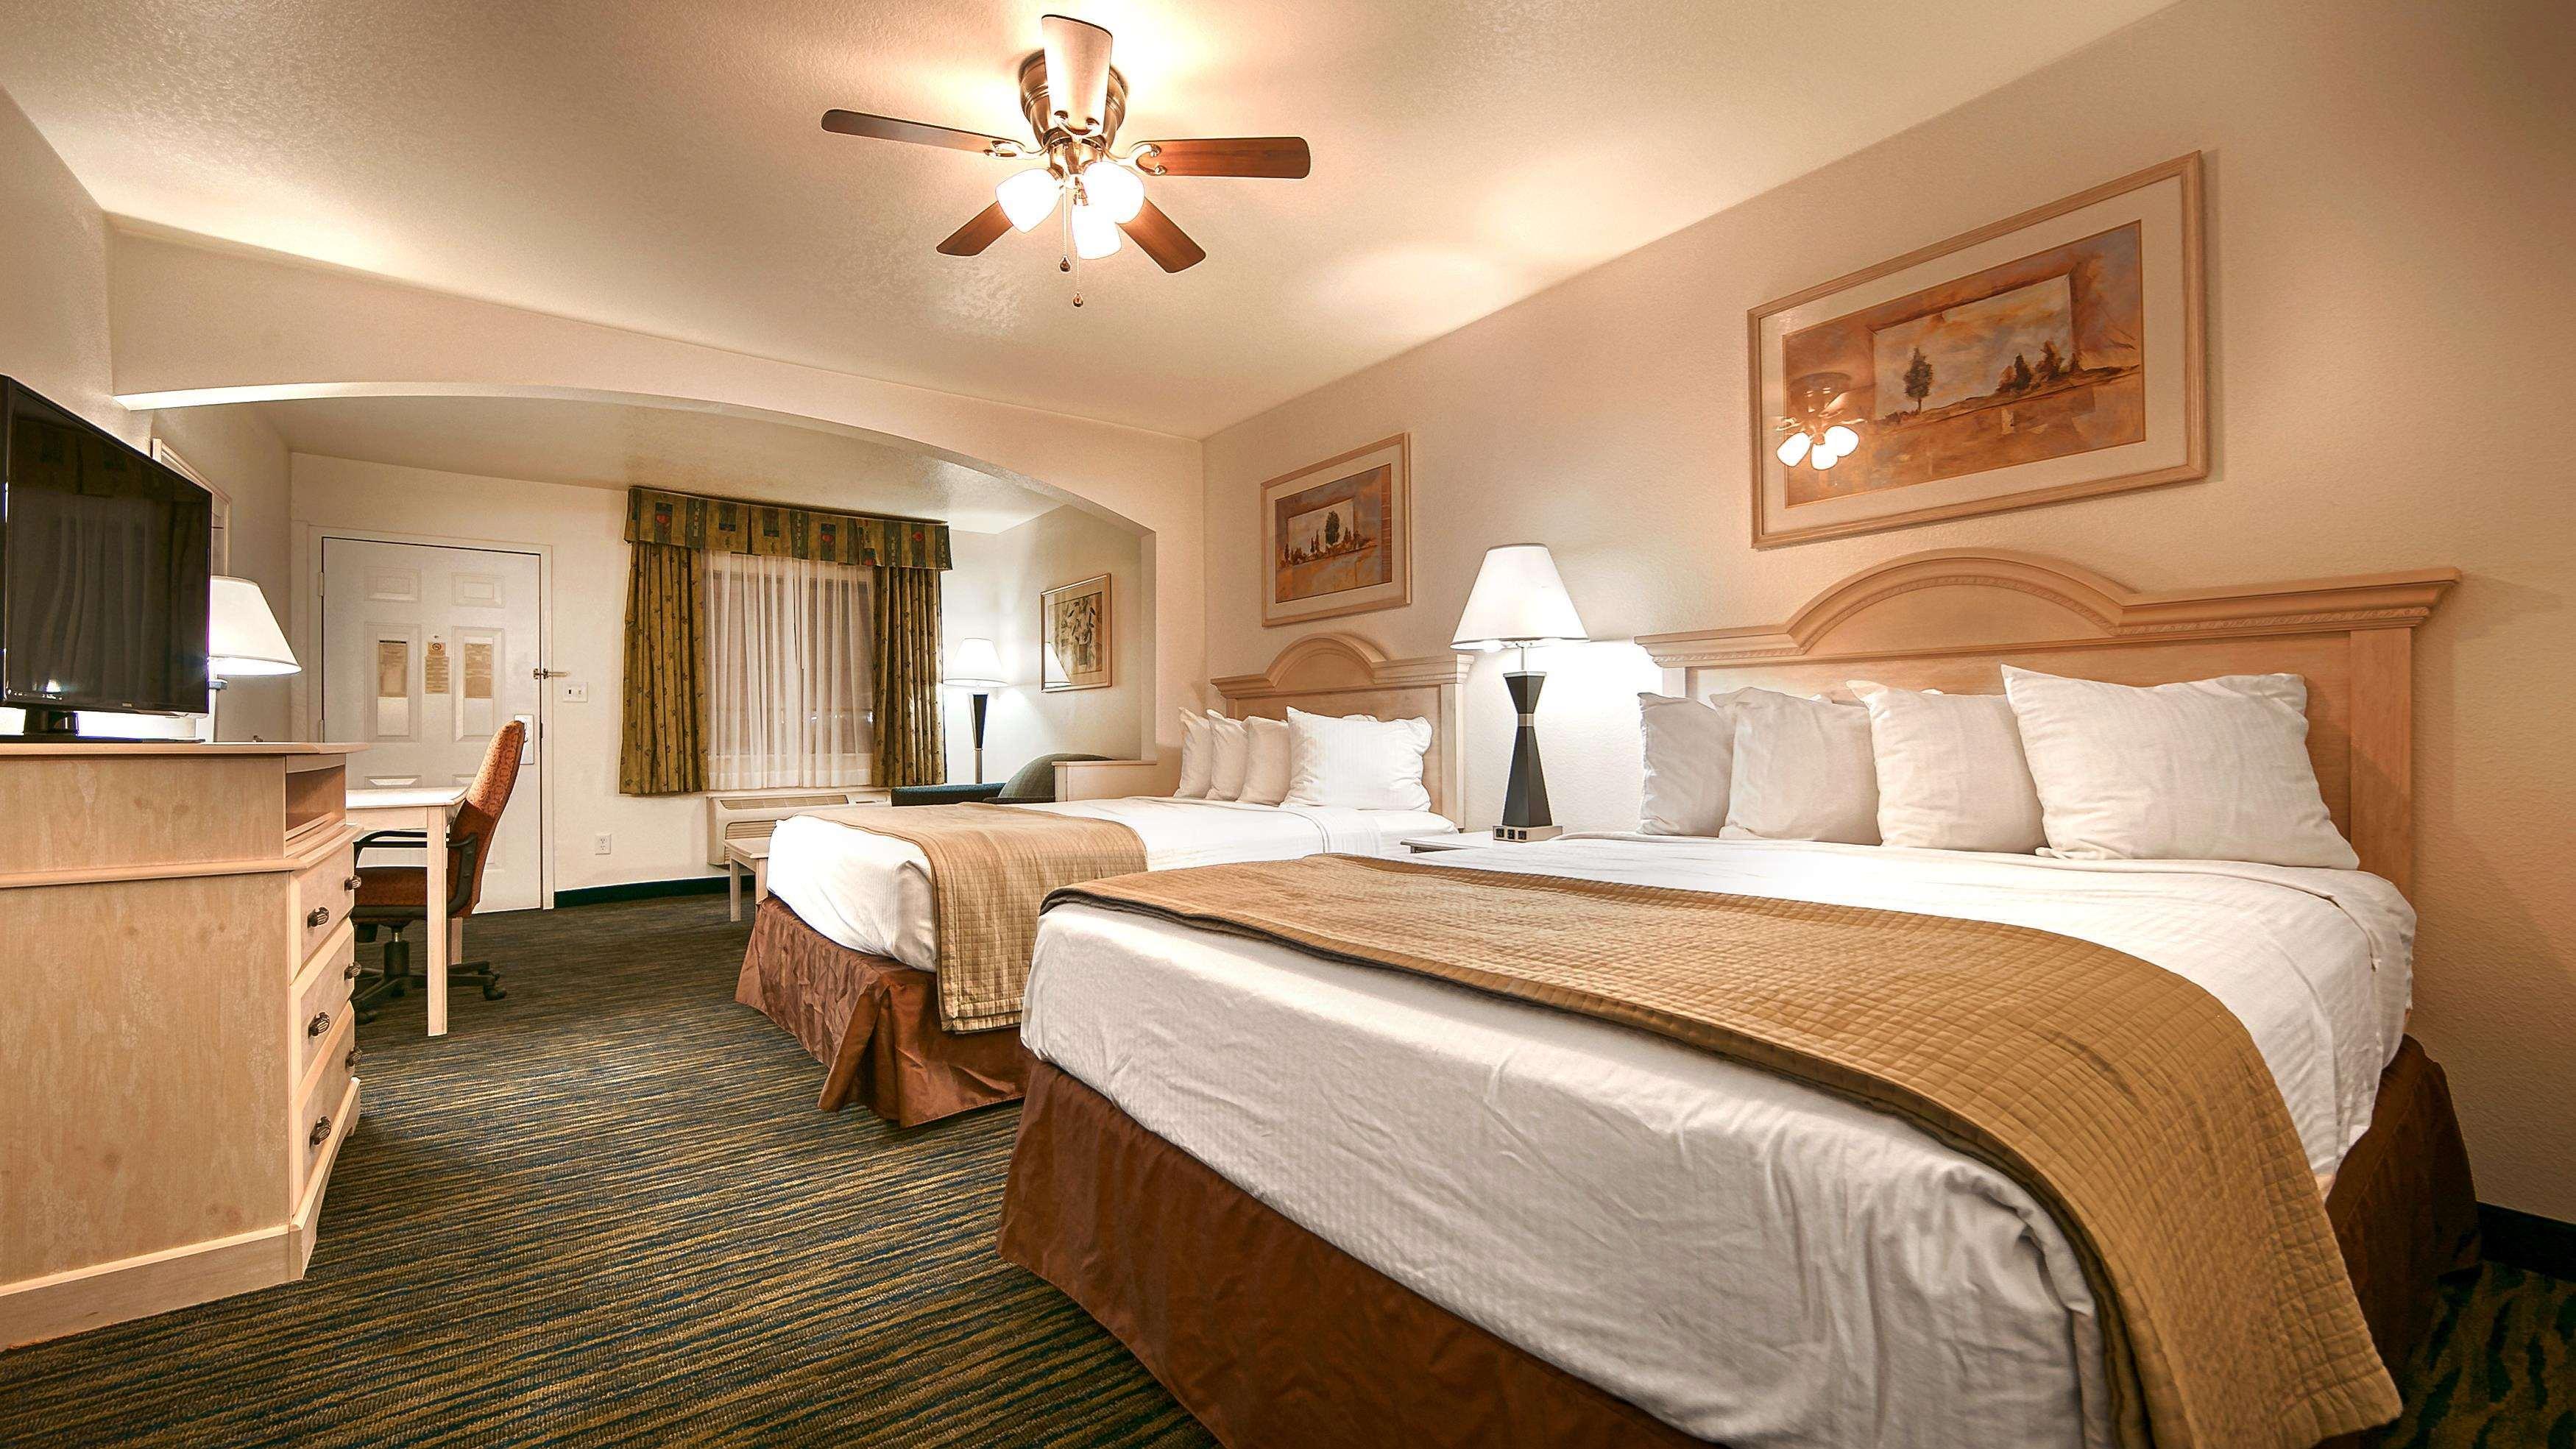 SureStay Hotel by Best Western Falfurrias image 37